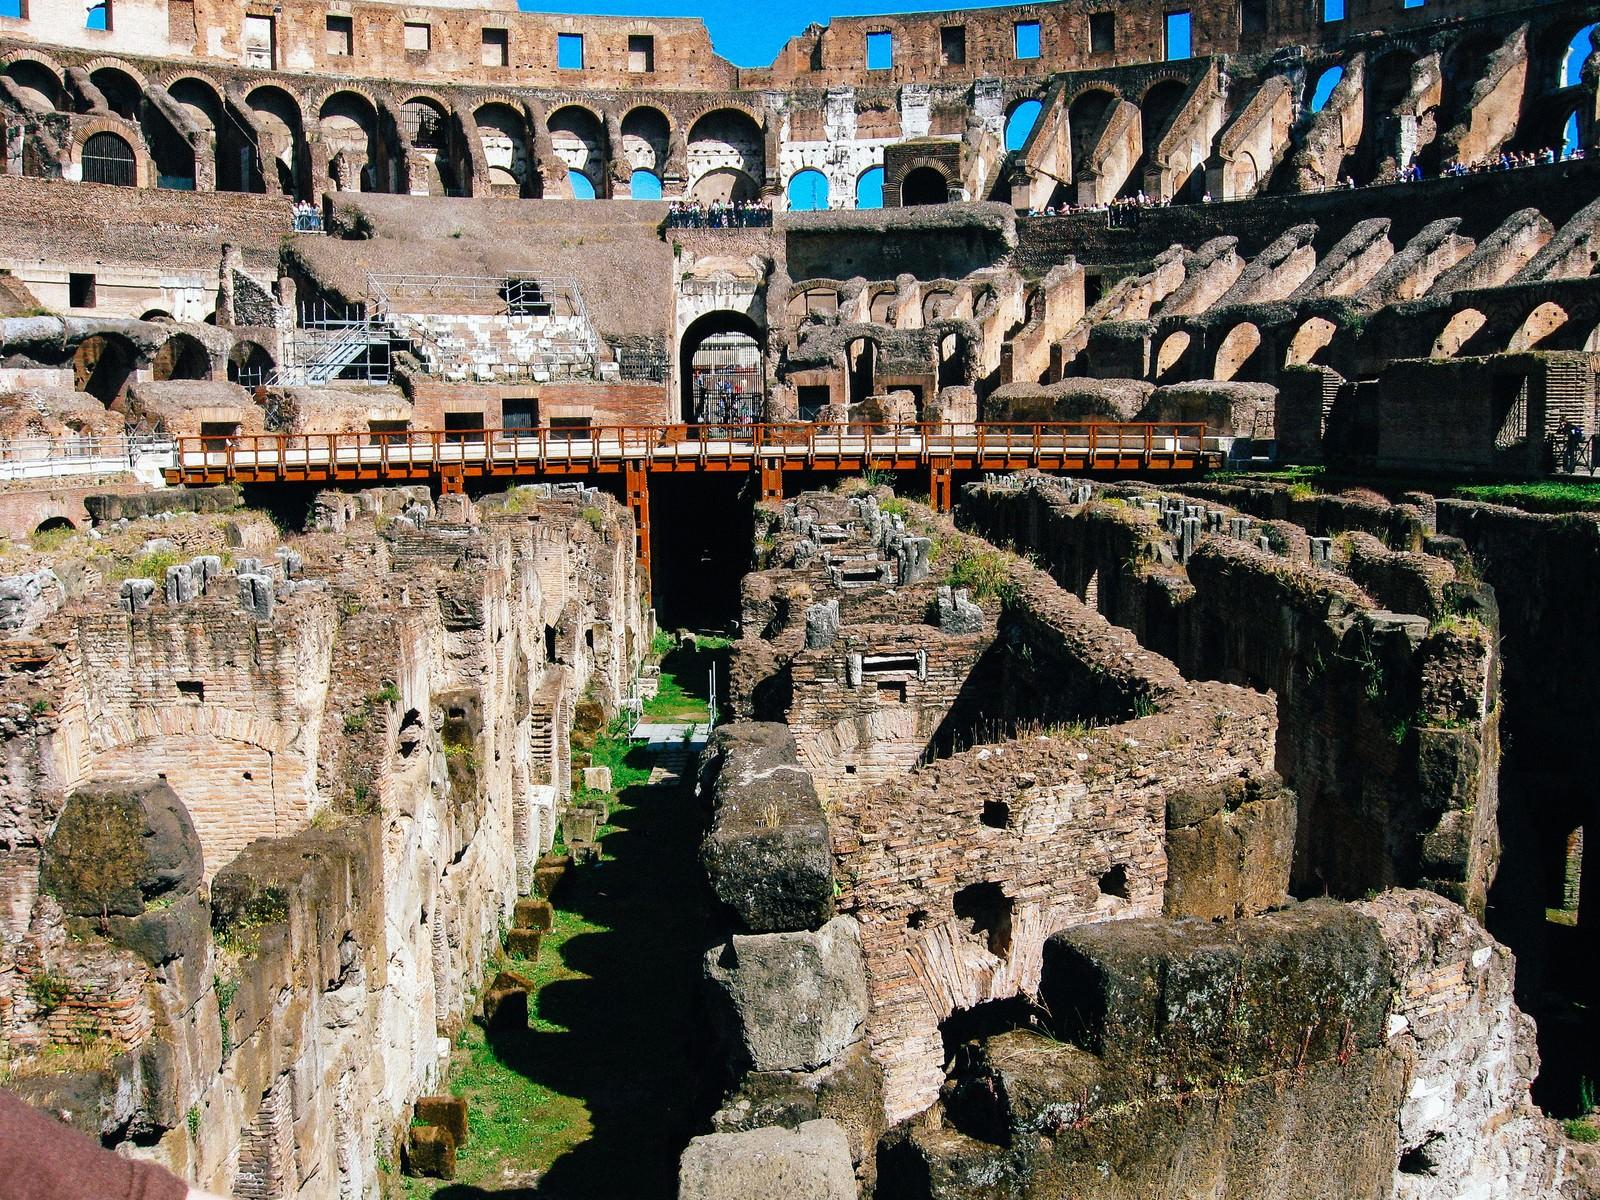 「コロッセオの地下跡を覗く観光客(イタリア)」の写真